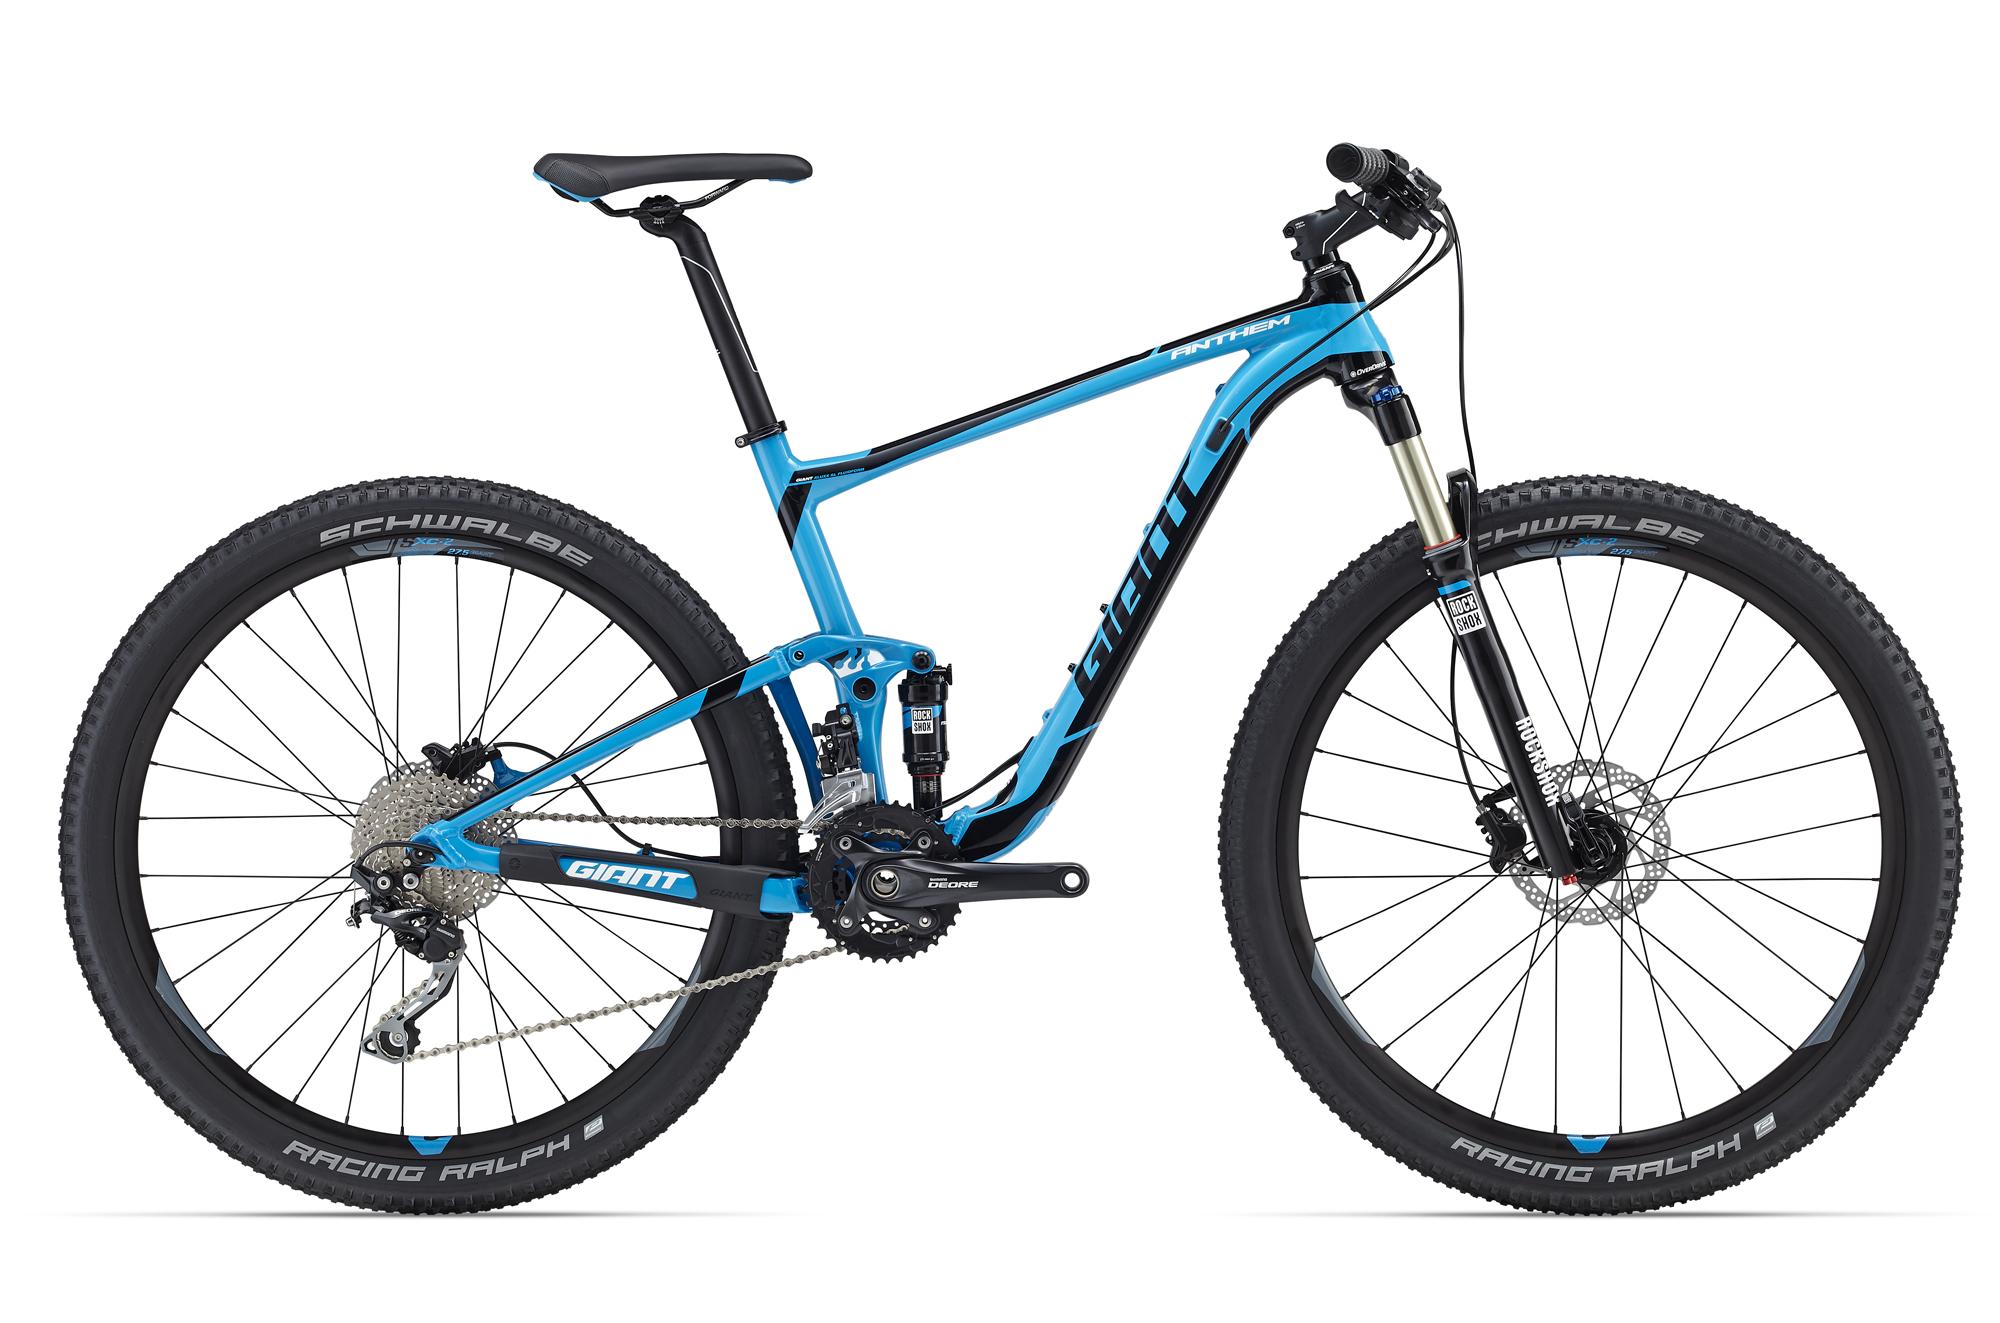 Купить Велосипед Giant Anthem 27.5 3 2016 BLUE / Синий, Двухподвесы, 1262275